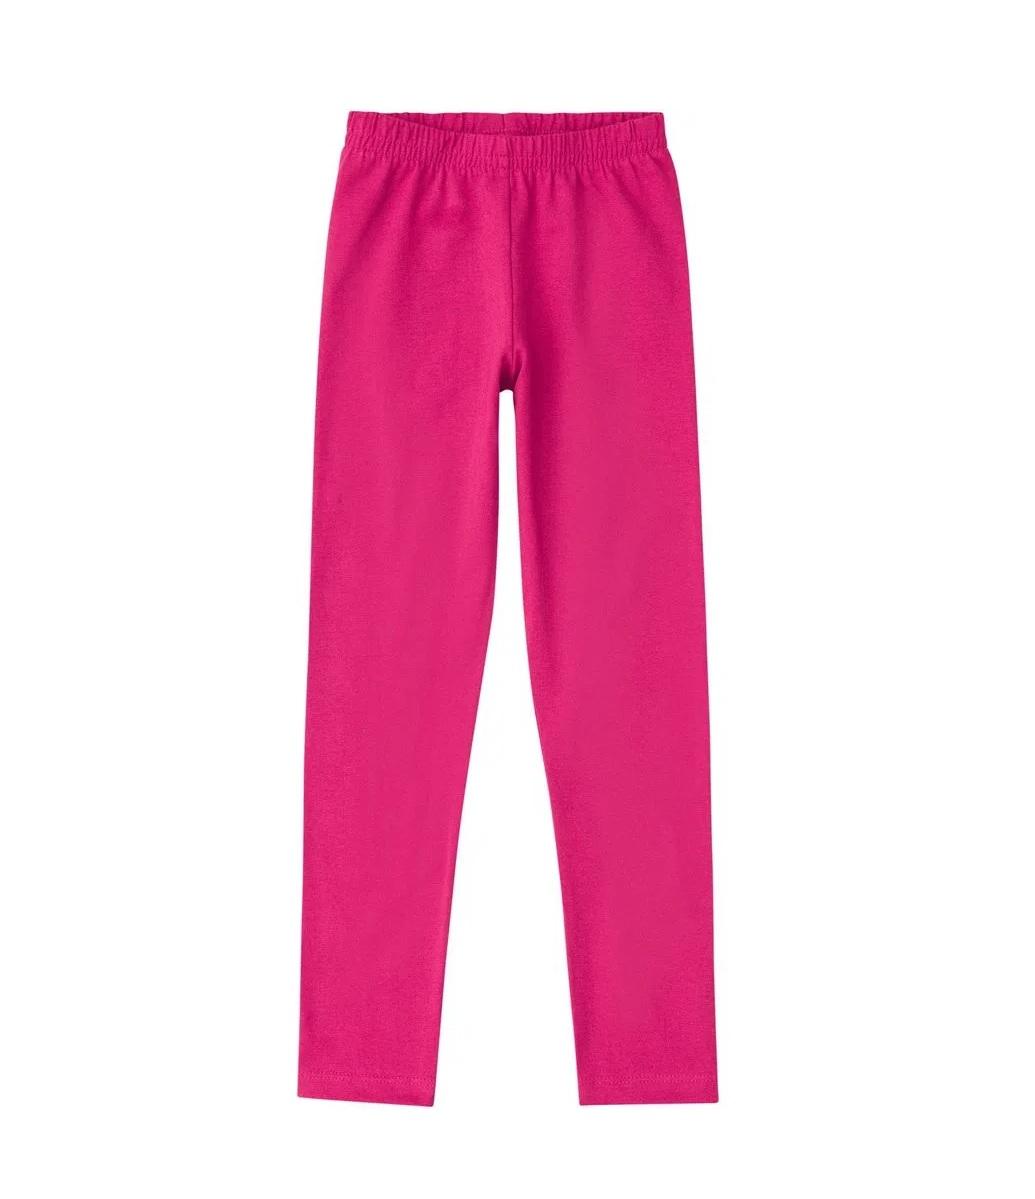 Legging de Cotton Infantil KYLY - 107633